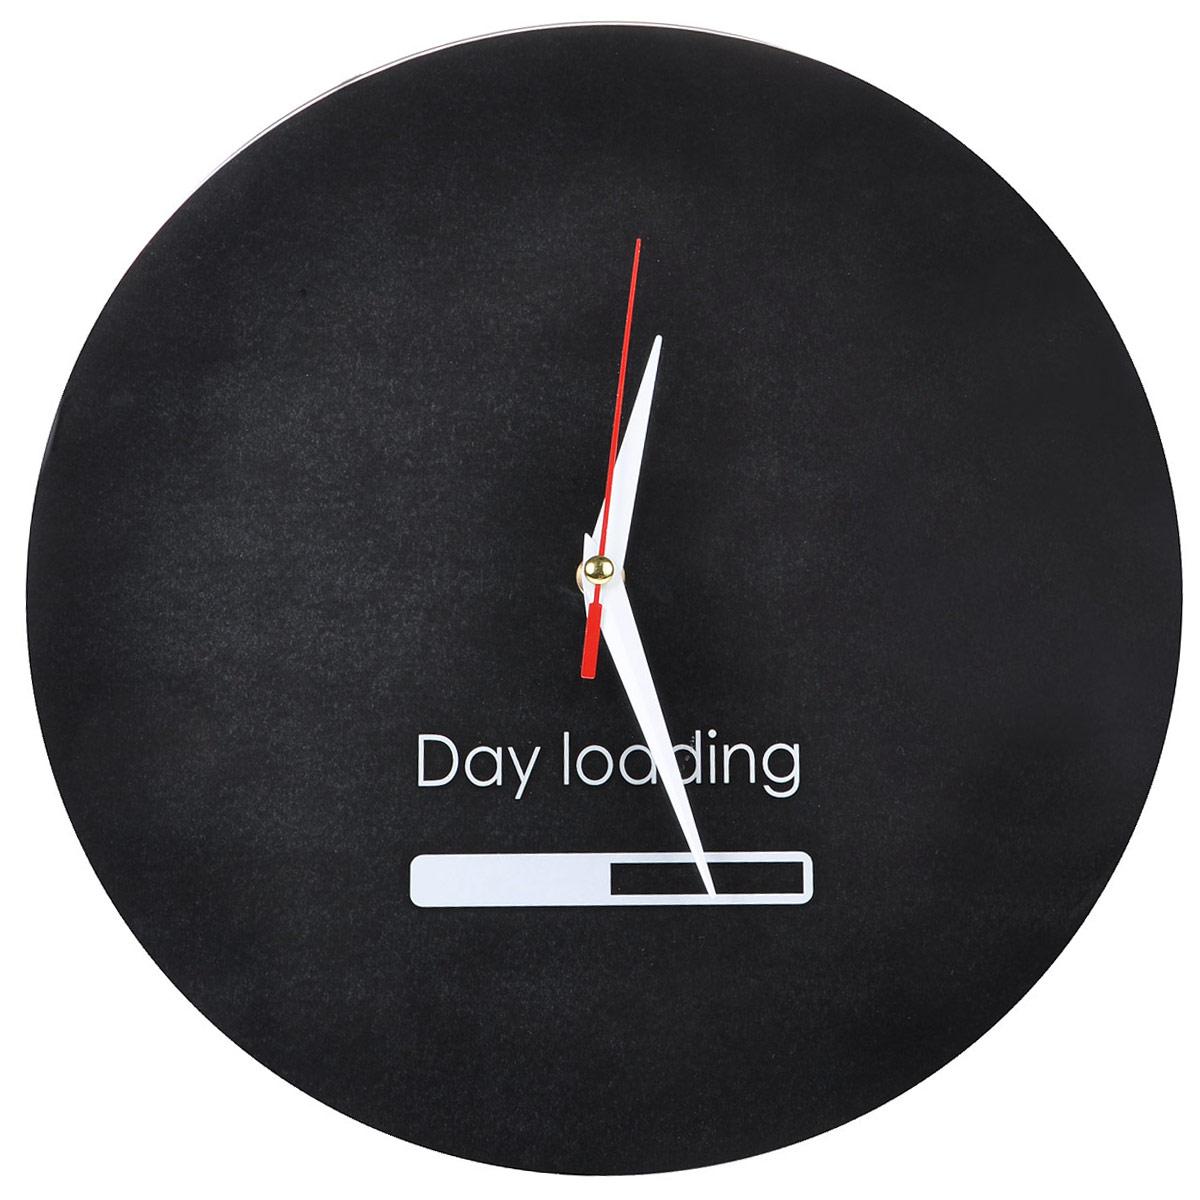 Часы настенные Day Loading, стеклянные, цвет: черный, белый. 9554695546Оригинальные настенные часы Day Loading круглой формы выполнены из стекла и оформлены надписью Day Loading и индикатором. Часы имеют три стрелки - часовую, минутную и секундную. Циферблат часов не защищен. Необычное дизайнерское решение и качество исполнения придутся по вкусу каждому.Оформите свой дом таким интерьерным аксессуаром или преподнесите его в качестве презента друзьям, и они оценят ваш оригинальный вкус и неординарность подарка. Характеристики:Материал: пластик, стекло. Диаметр: 28 см. Работают от батарейки типа АА (в комплект не входит).